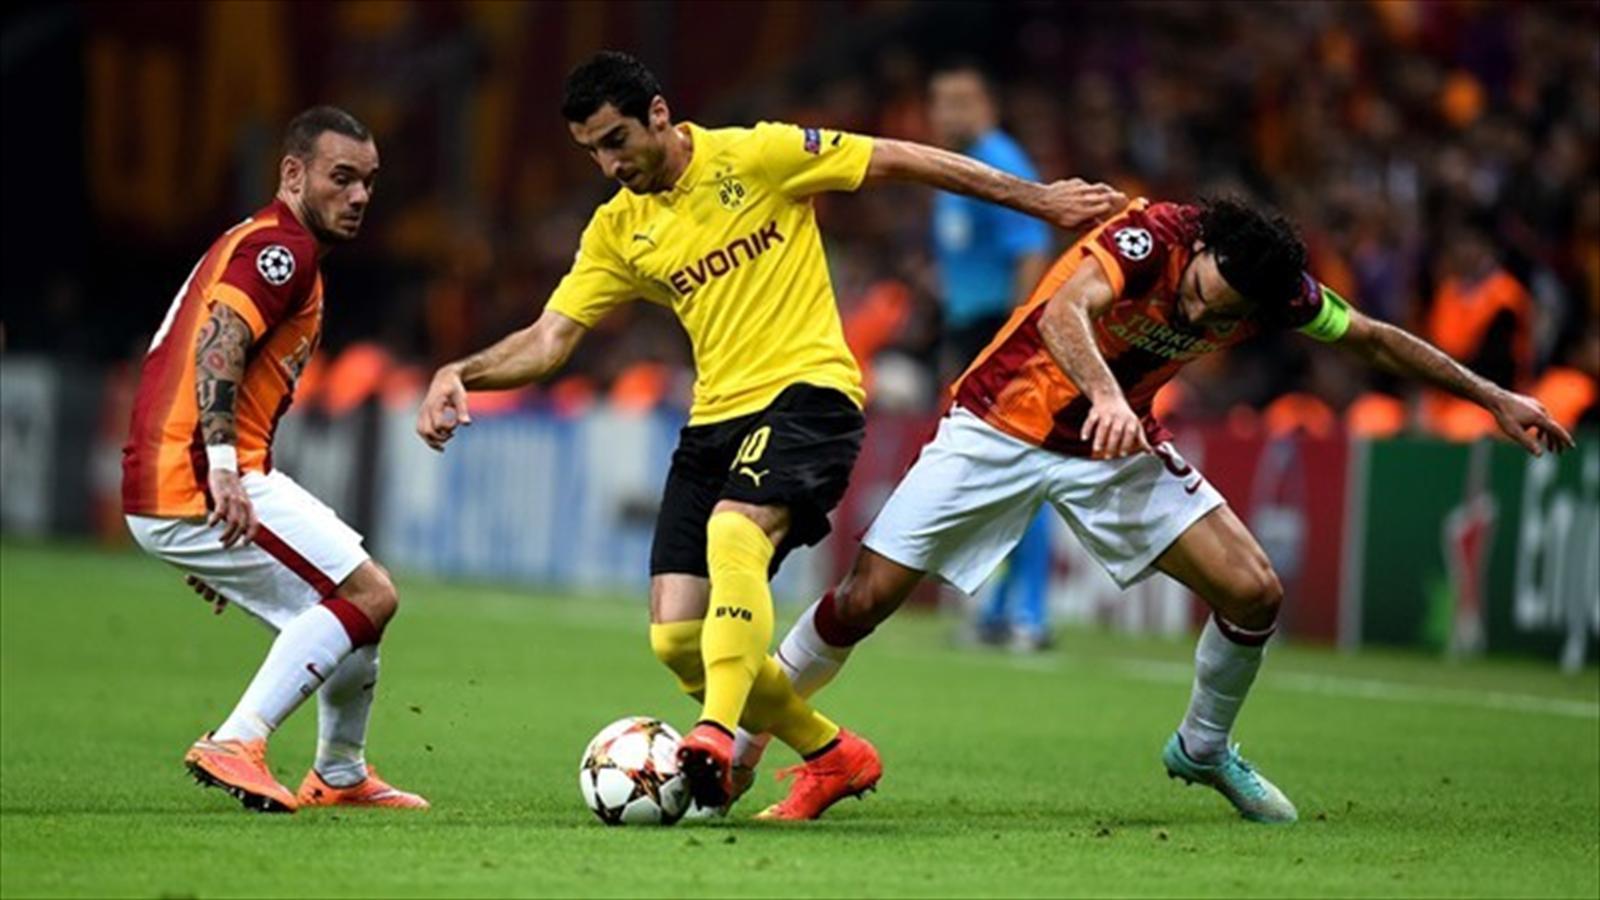 Mircea Lucescu: Mkhitaryan'ın Sneijder'den daha iyi bir oyuncu olduğunu söyledi